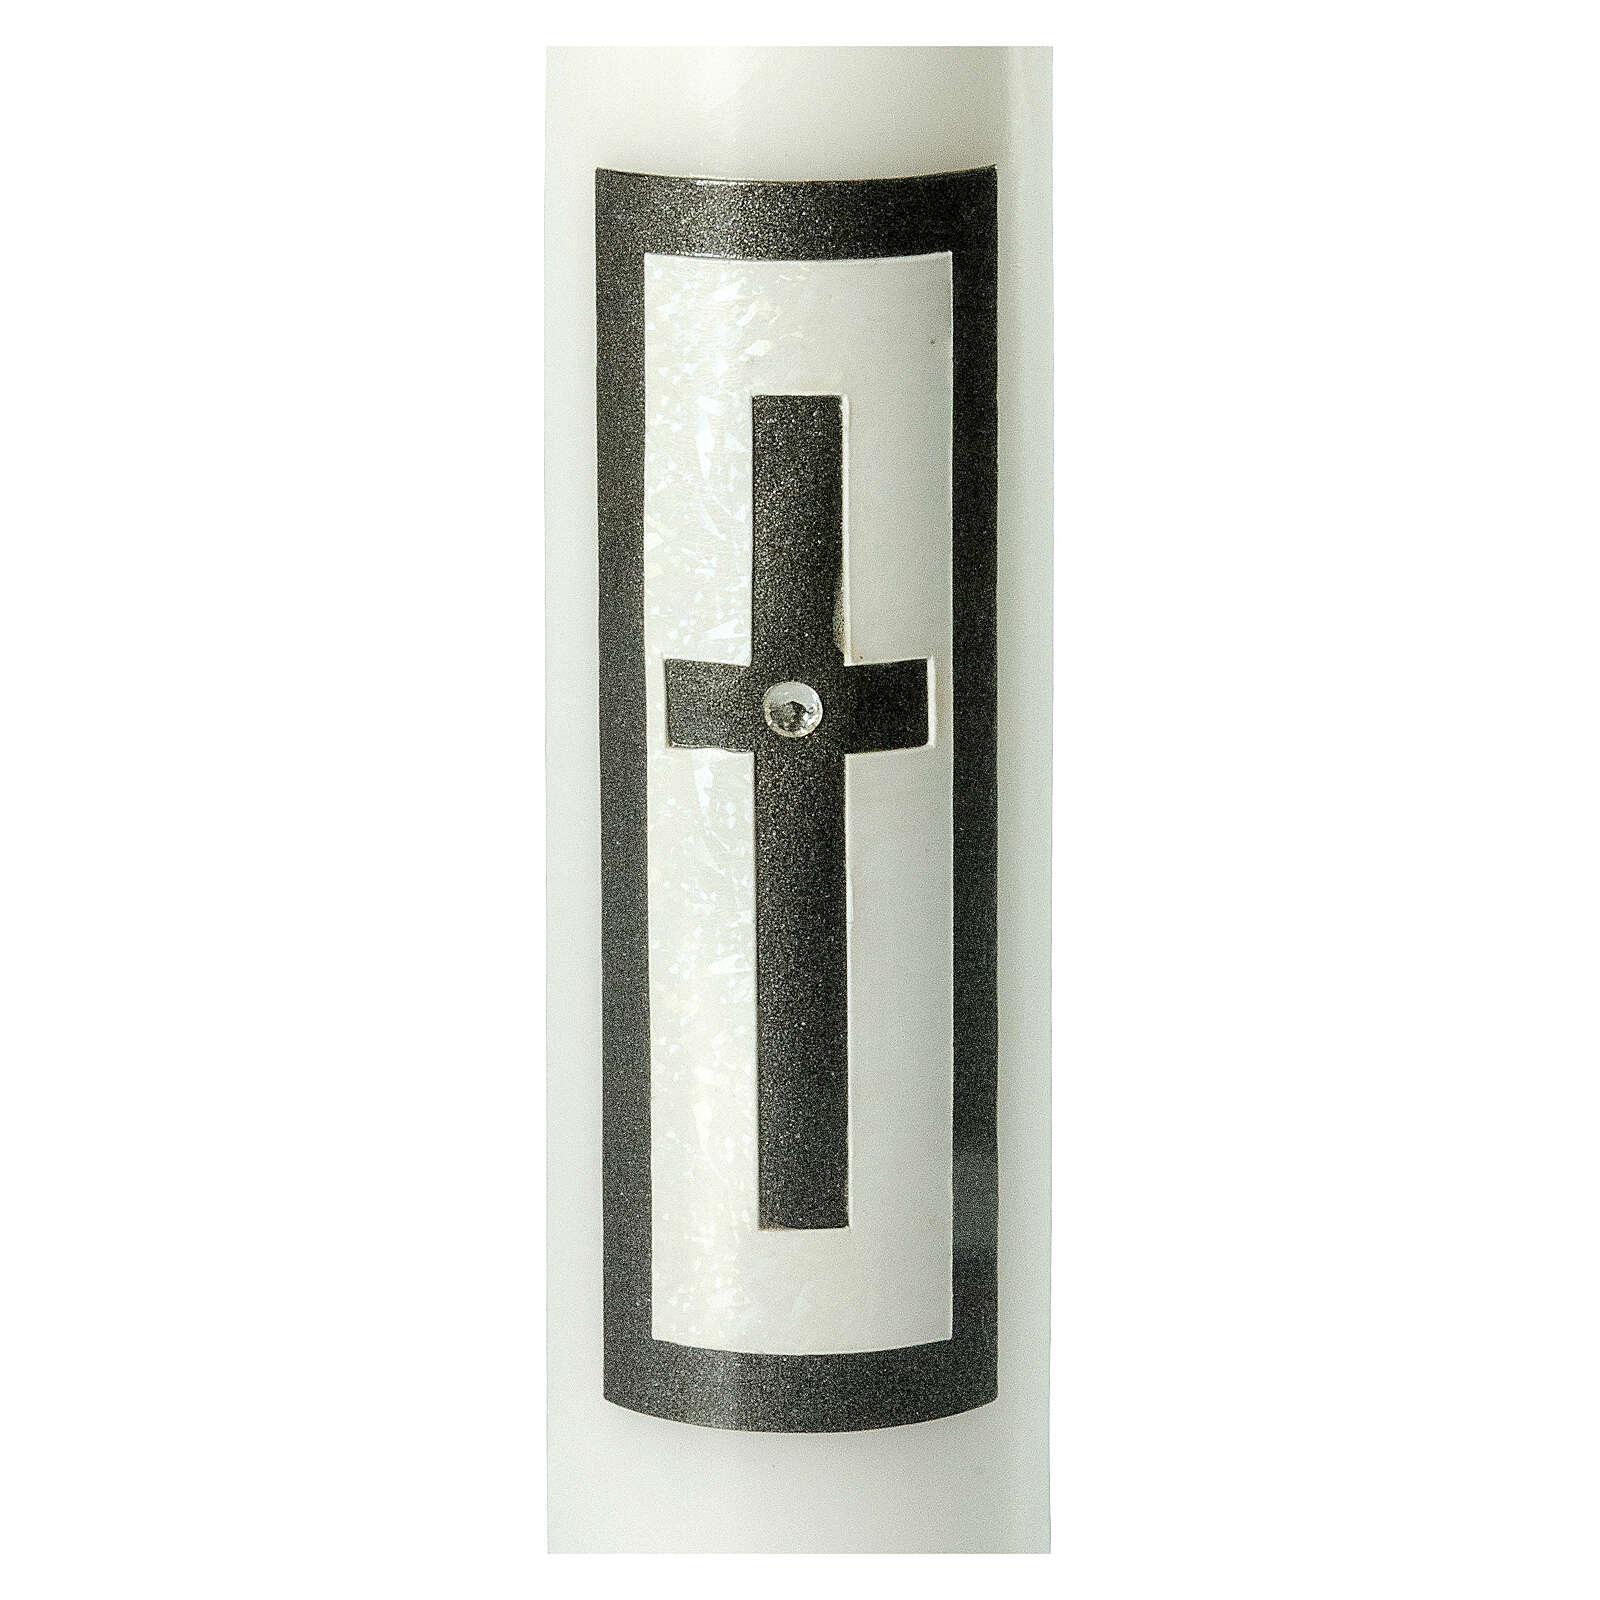 Grabkerze Lateinisches Kreuz mit Strass, 265x60 mm 3